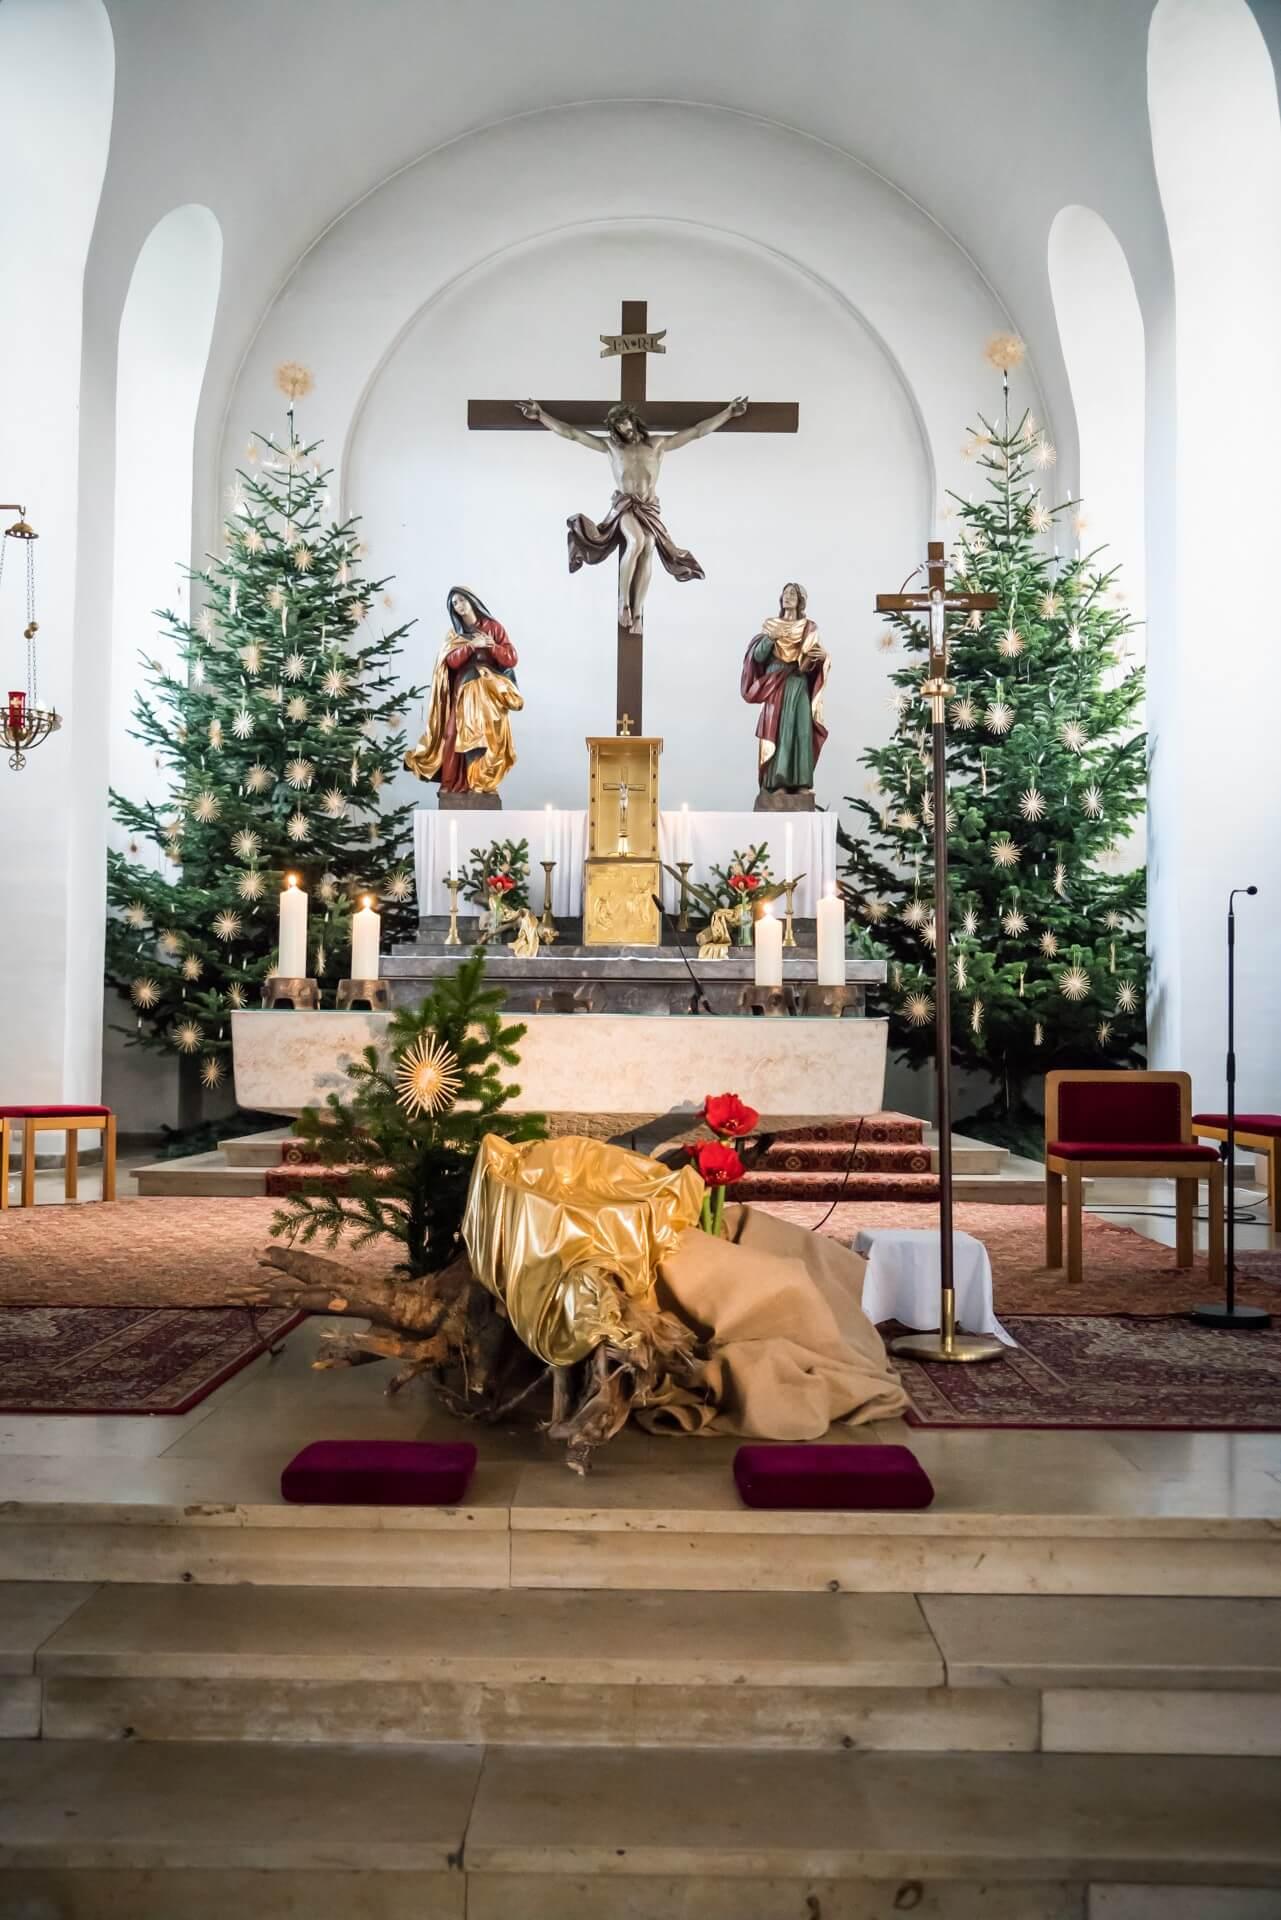 20181224-Kinderchristmette SF 2018 18_12_24_Weihnacht18_002